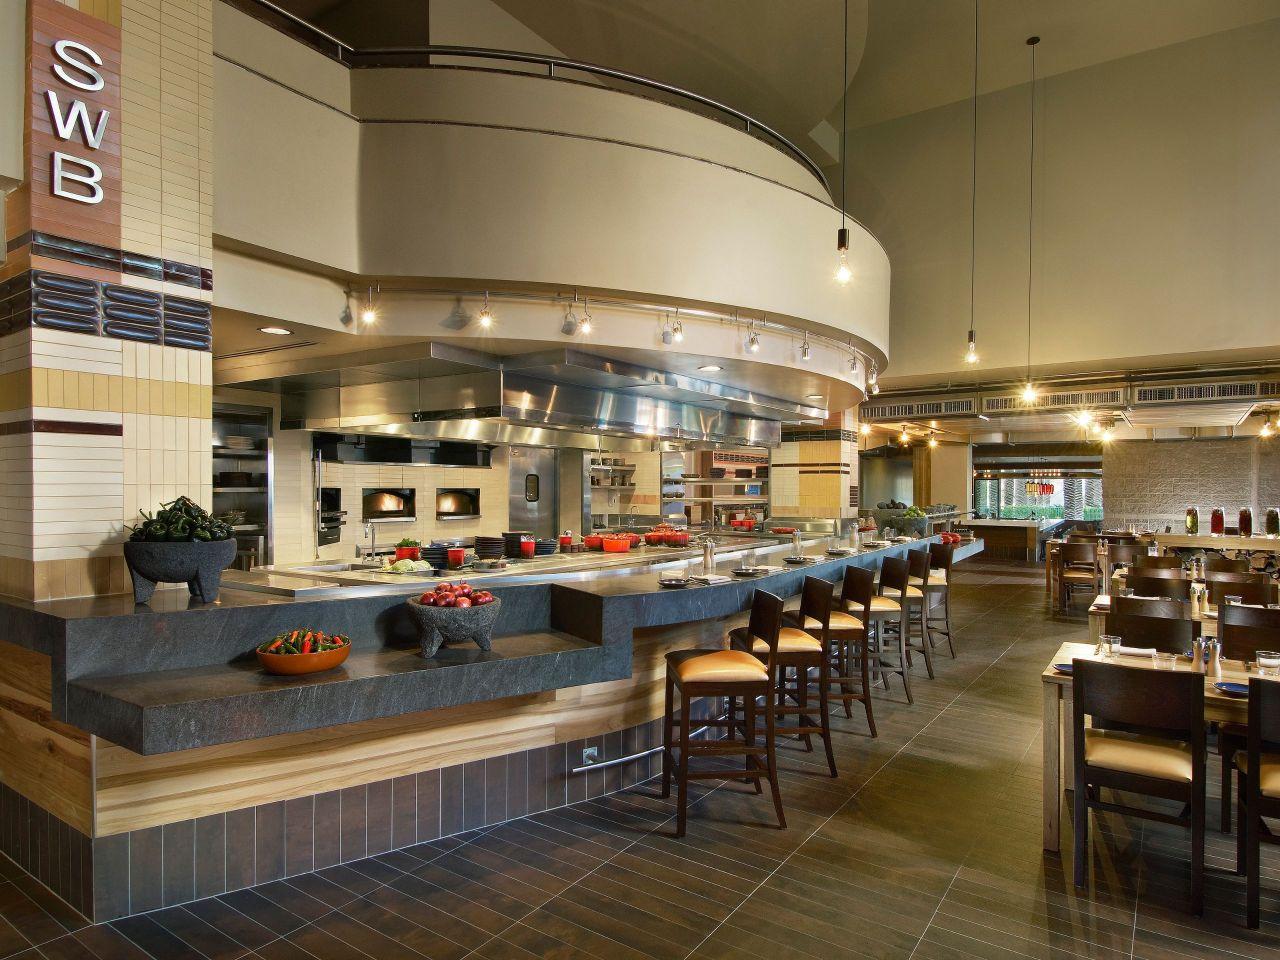 SWB Restaurant